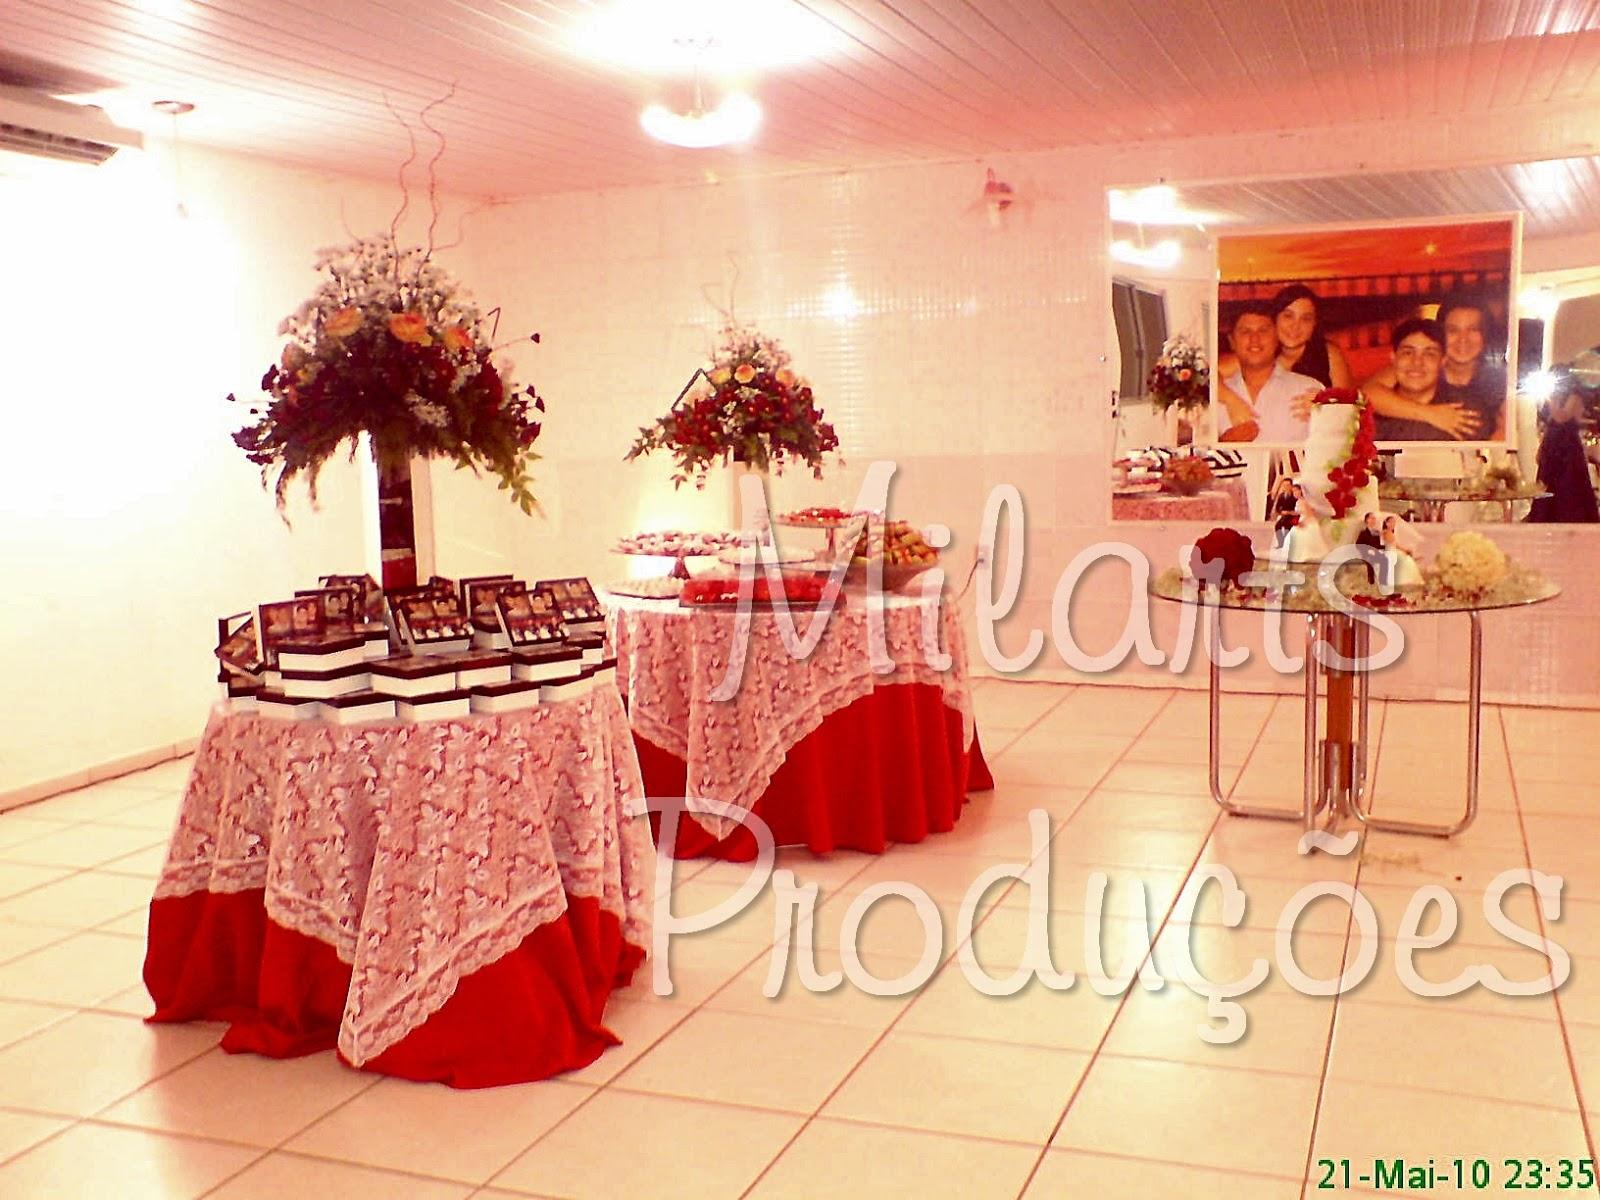 : Lembrança de casamento: Caixa de madeira personalizada com fotos #48060B 1600x1200